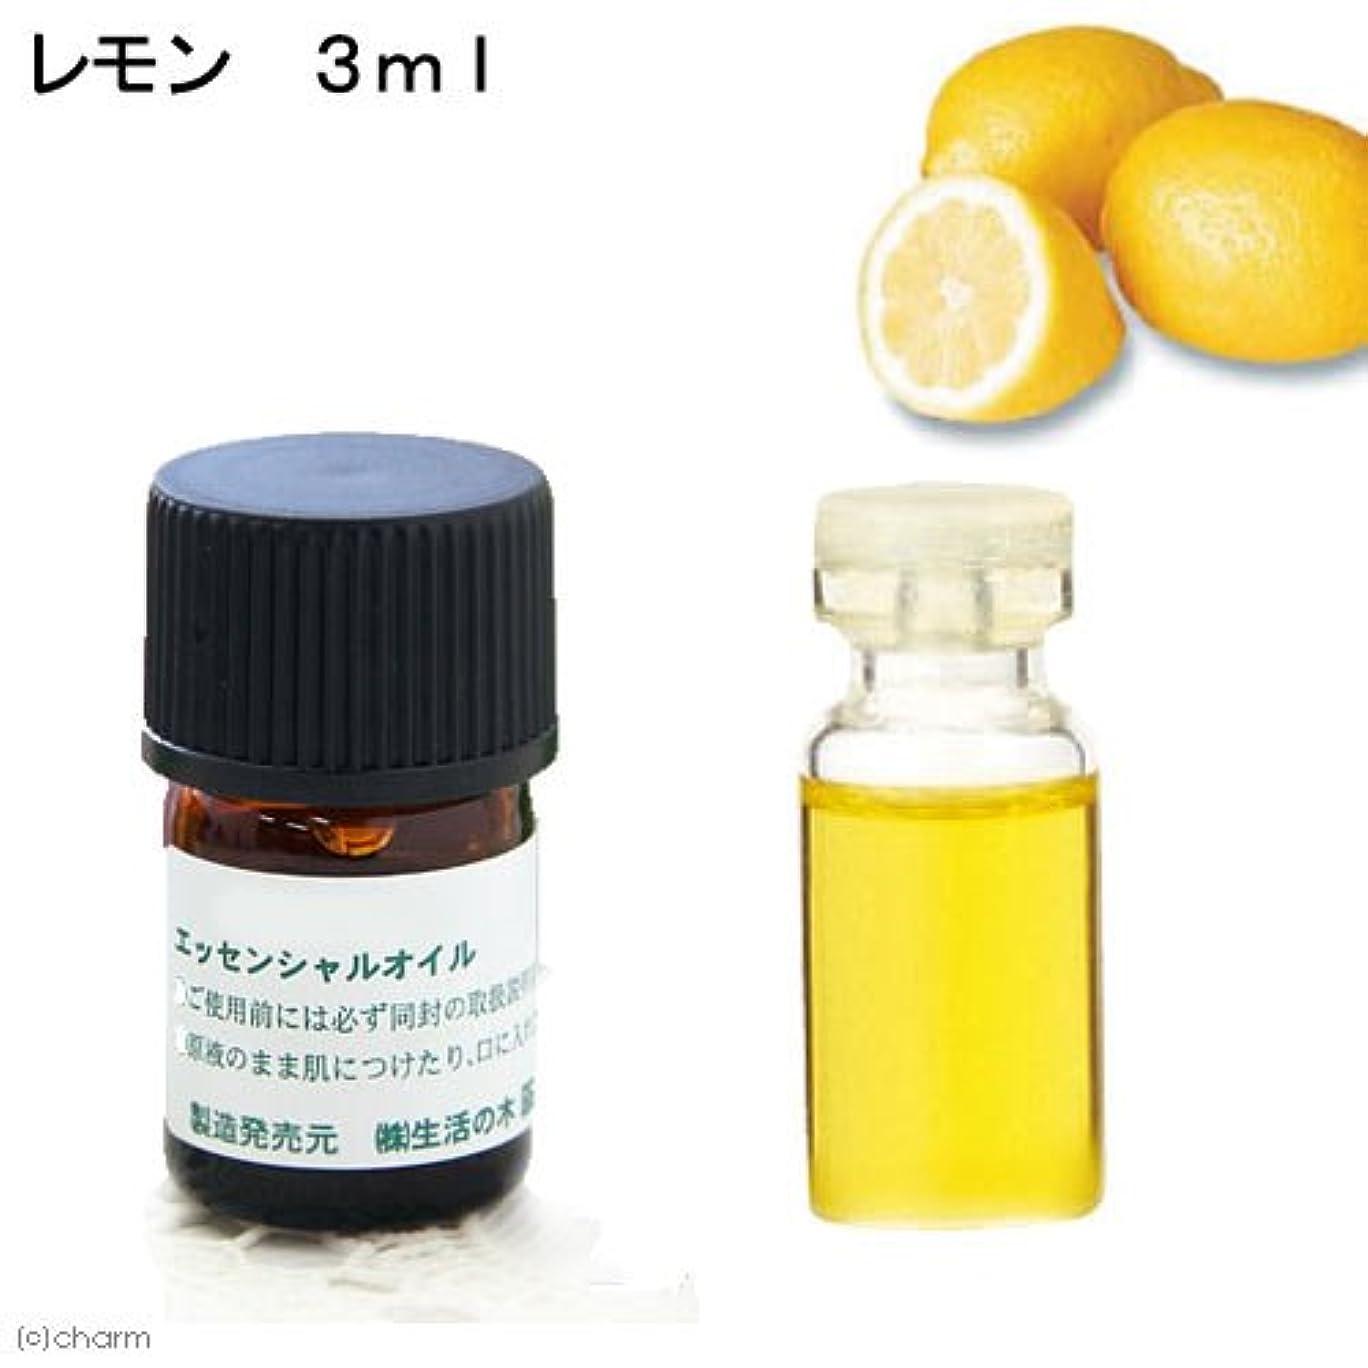 ペイントリズミカルな生活生活の木 レモン 3ml